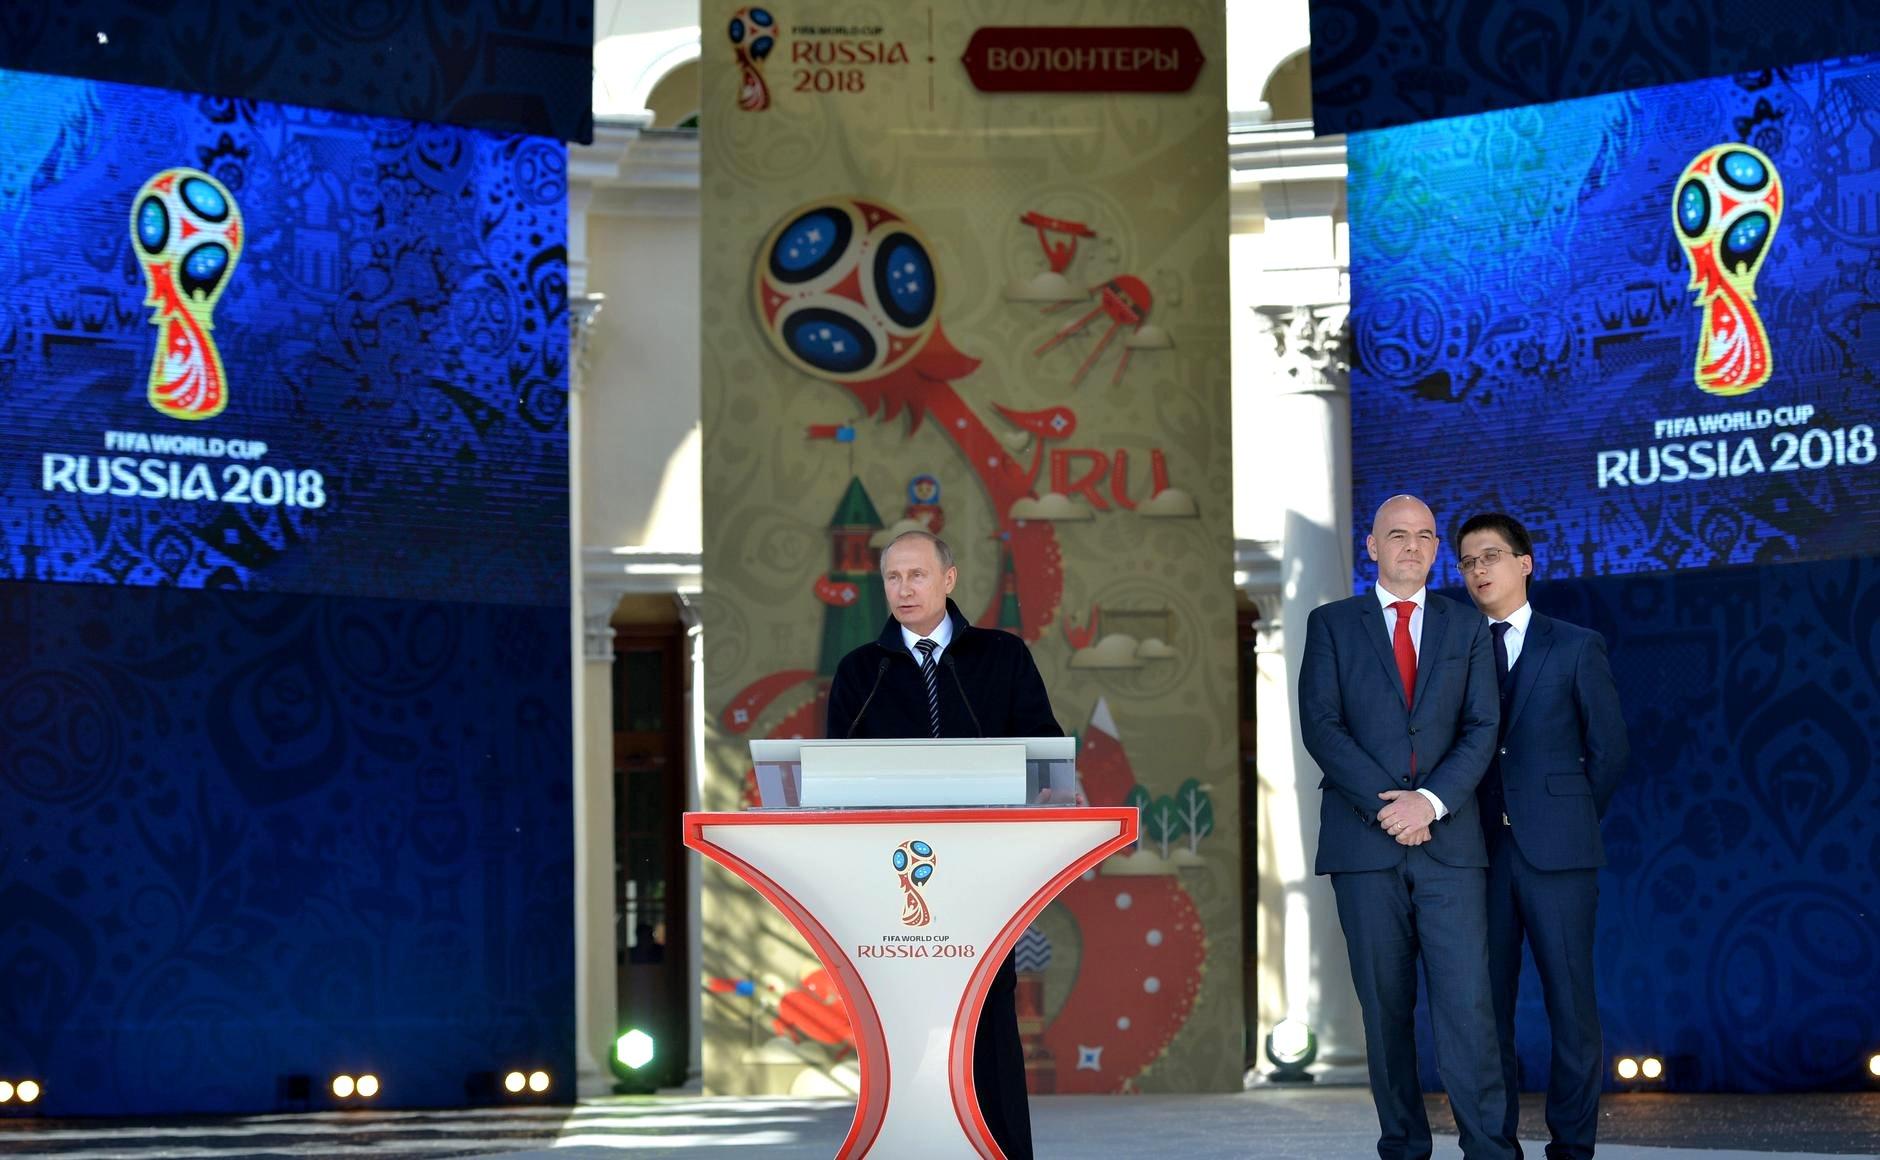 Presiden FIFA: Dunia Akan Saksikan Piala Dunia Terbaik di Rusia pada 2018